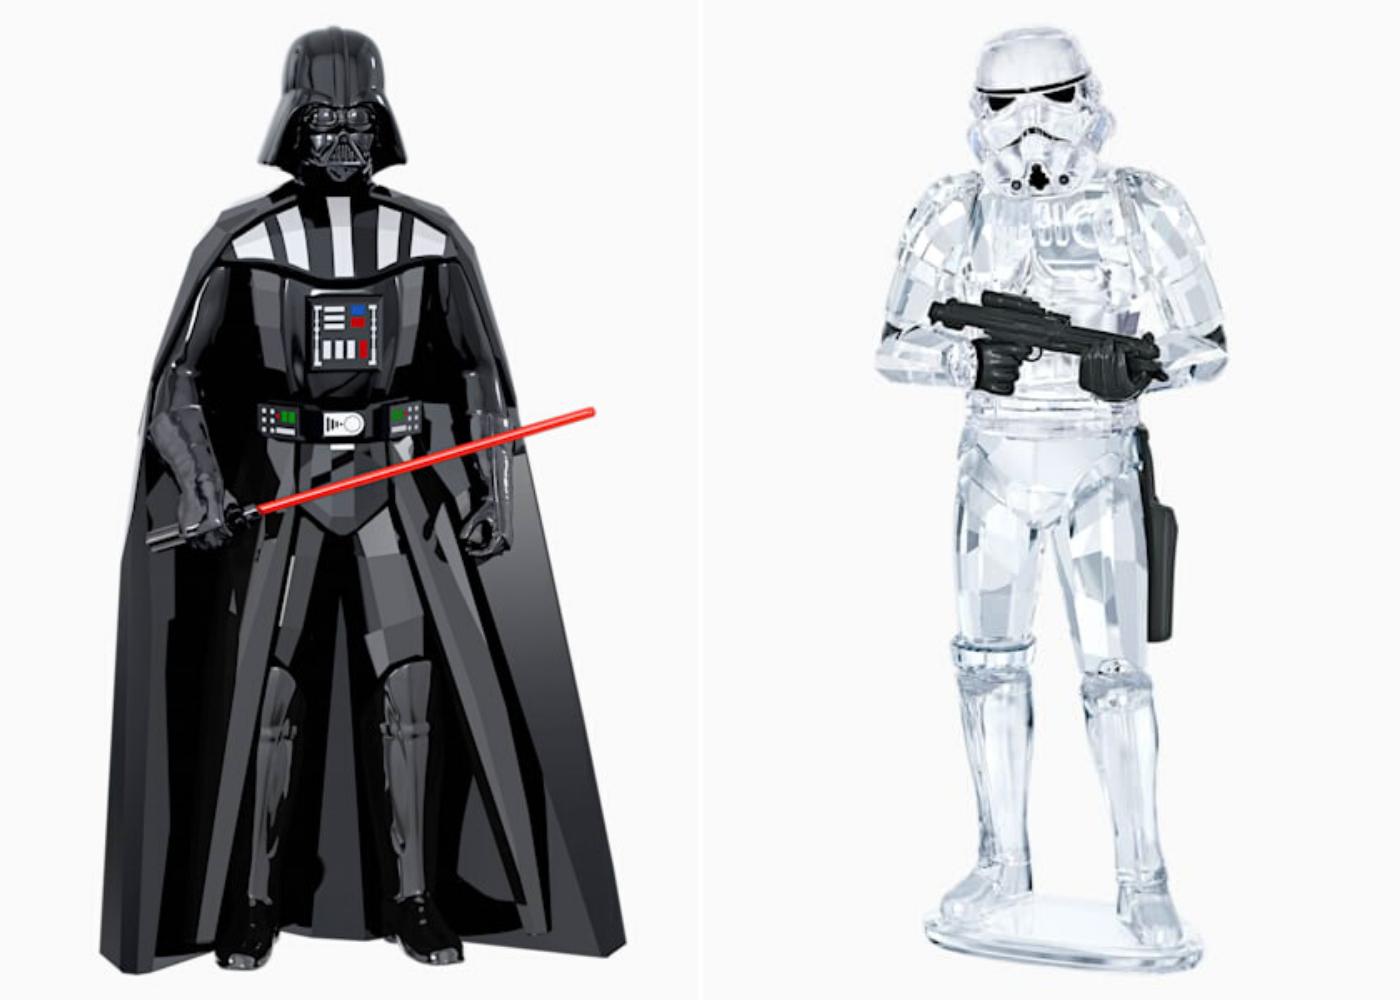 Swarovski Star Wars collectibles